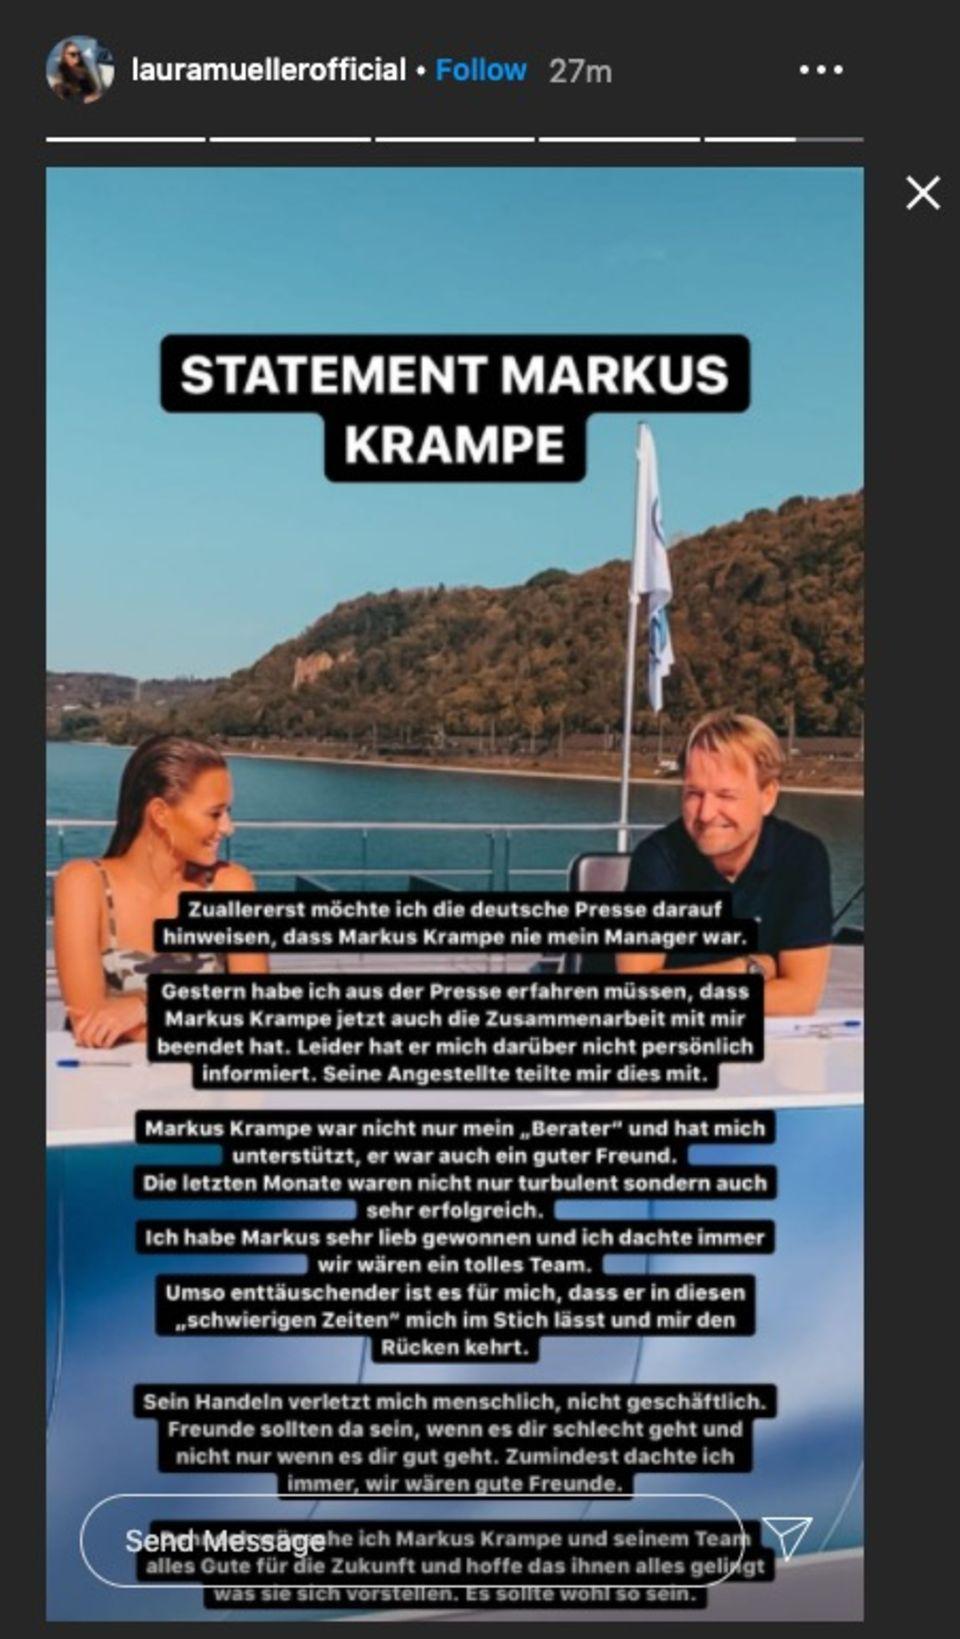 Auf Instagram teilt Laura Müller ein Statement zu Markus Krampe.